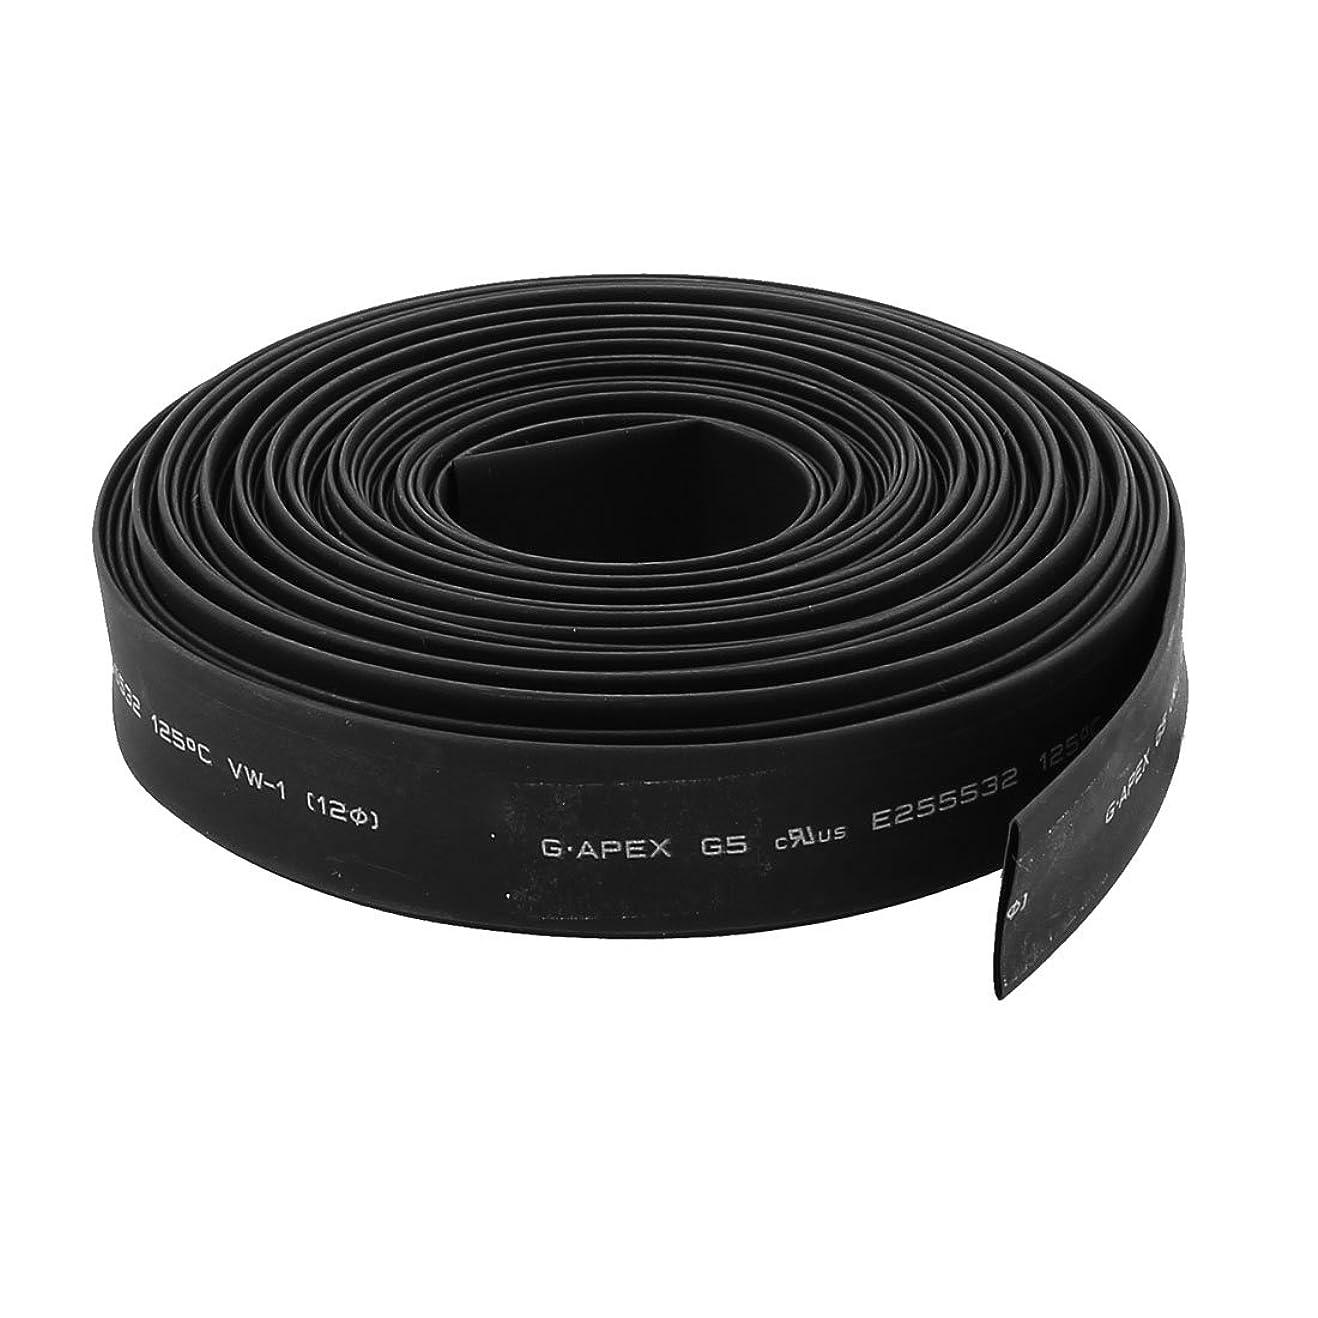 銀パンダシャツuxcell 熱収縮チューブ 10m長さ 12mm直径 PE材質 2:1収縮率 絶縁チューブ ブラック